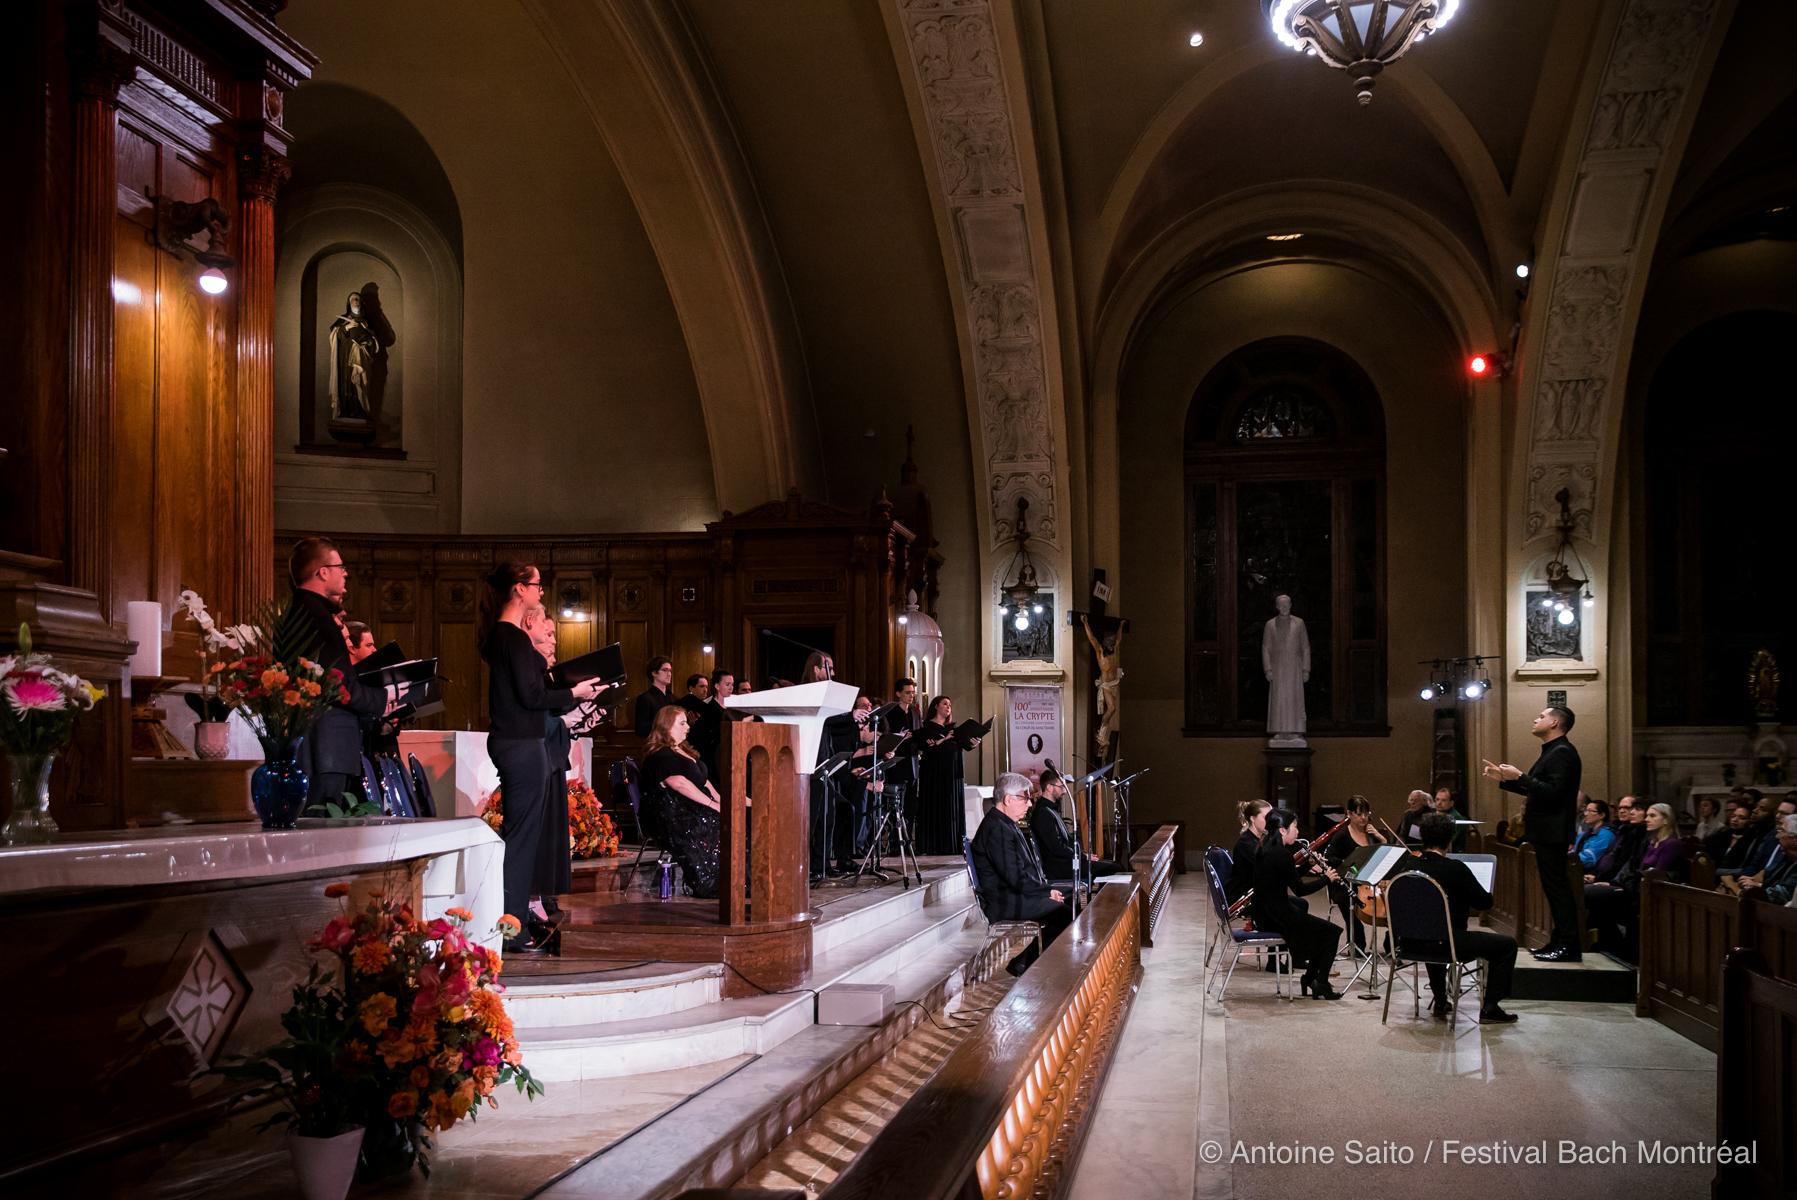 Le Choeur et ensemble instrumental de l'Église St. Andrew et St. Paul, au concert commémoratif du 100e anniversaire de la crypte.